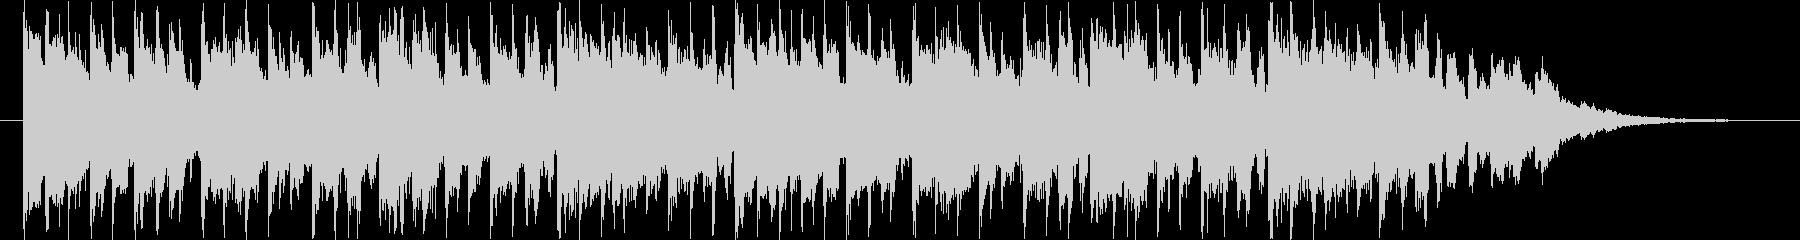 近未来的なBGM(30ver)の未再生の波形